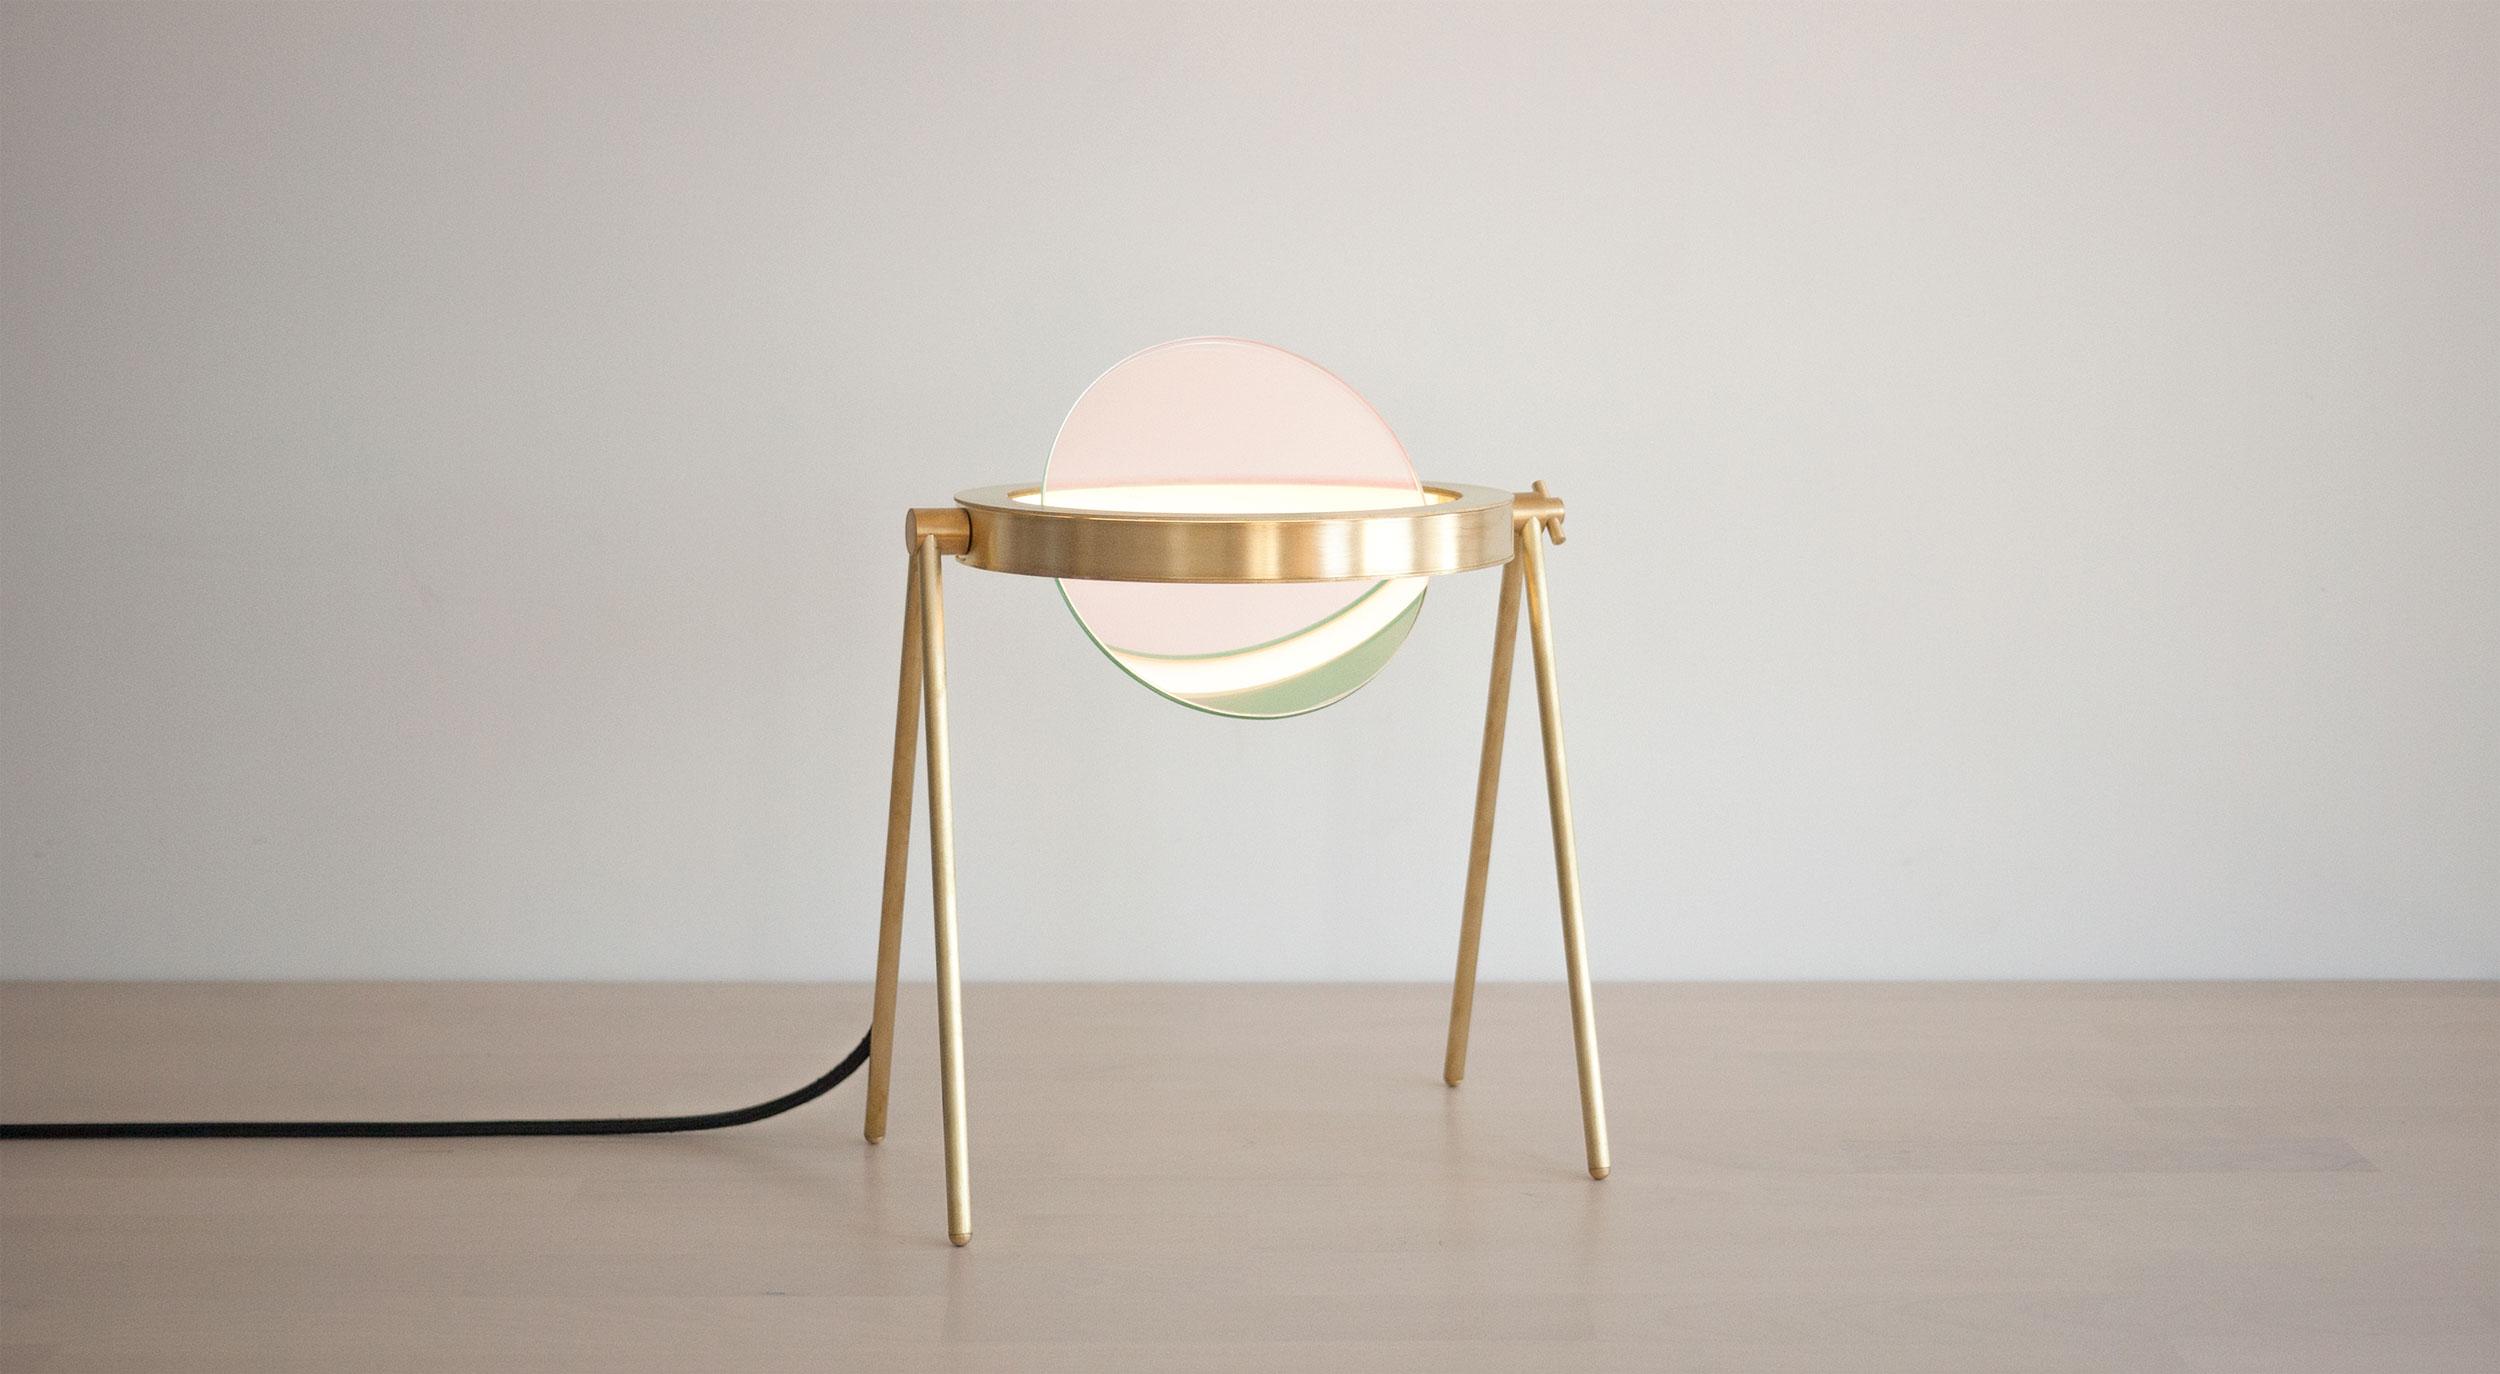 Janus Table by Trueing